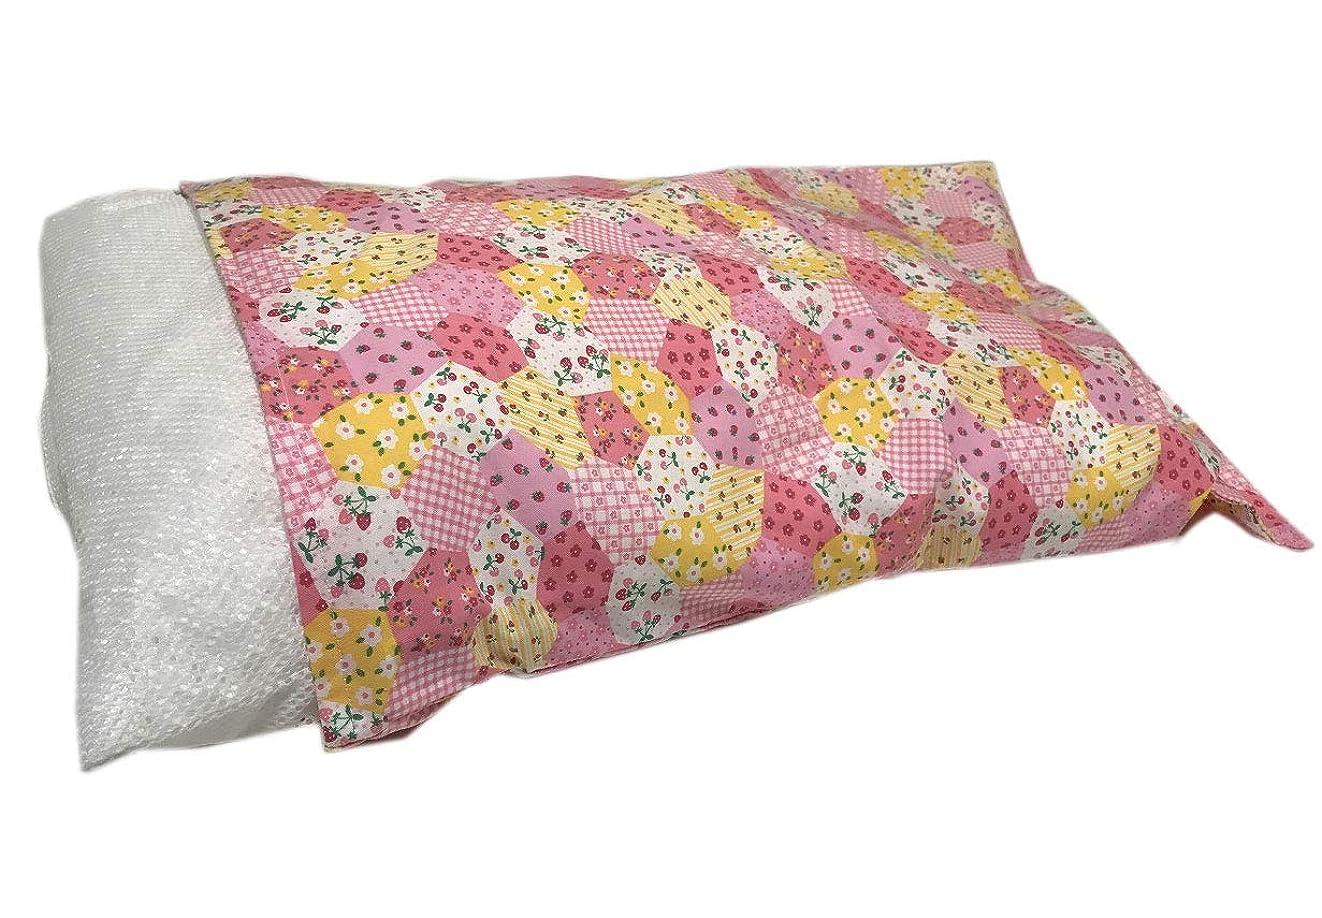 参照する配列こどもの日日本製 洗える パイプまくら ピンク系の枕カバー付 小粒のソフトパイプ くずの出にくいバージンパイプ使用(カバーの柄はおまかせ)